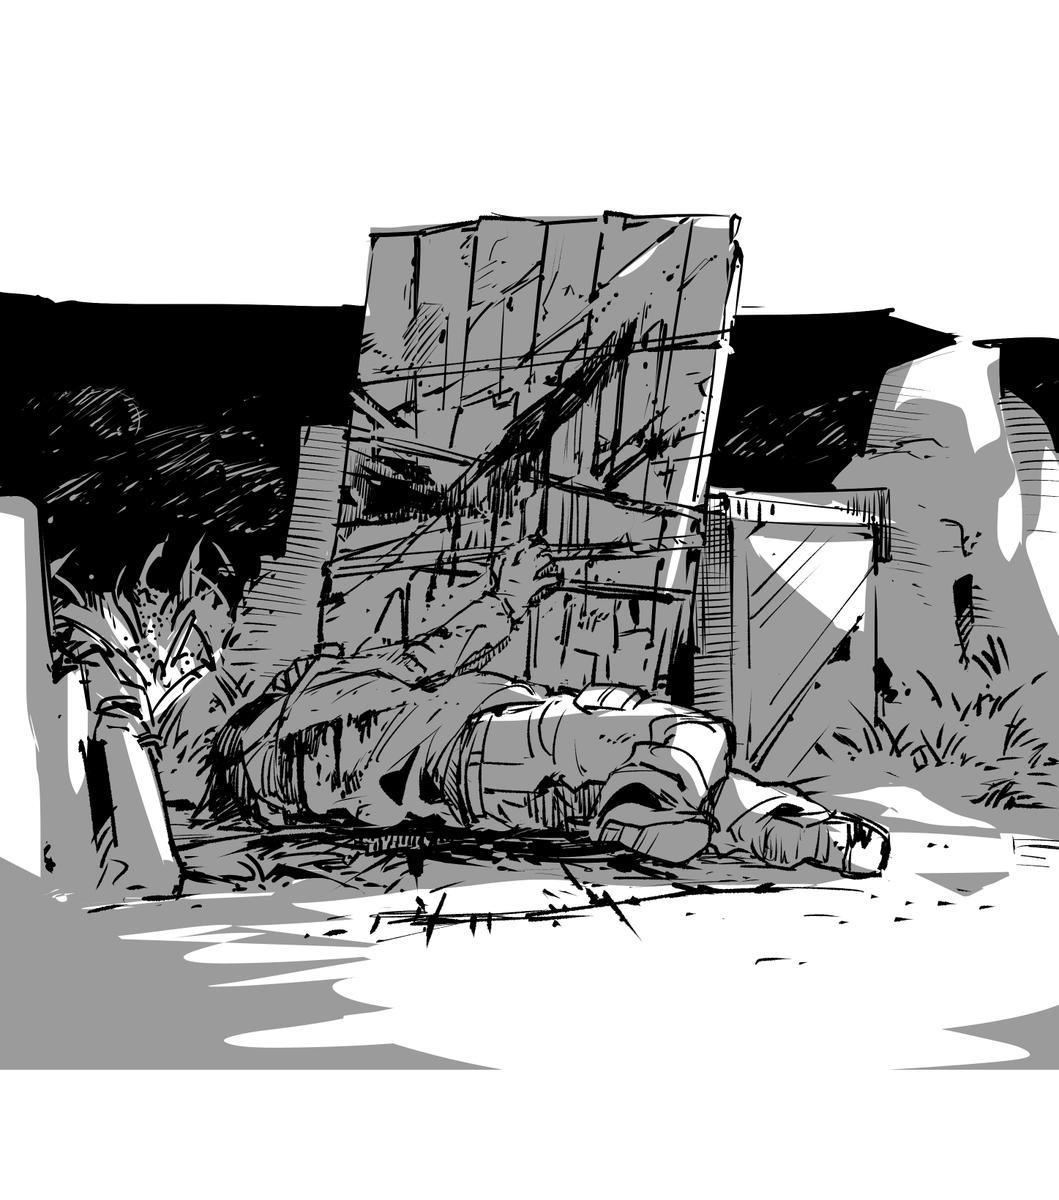 ジェイクアンソロの手慣らしに描いたやつ 楽しみです https://t.co/EZvbYDfcjV